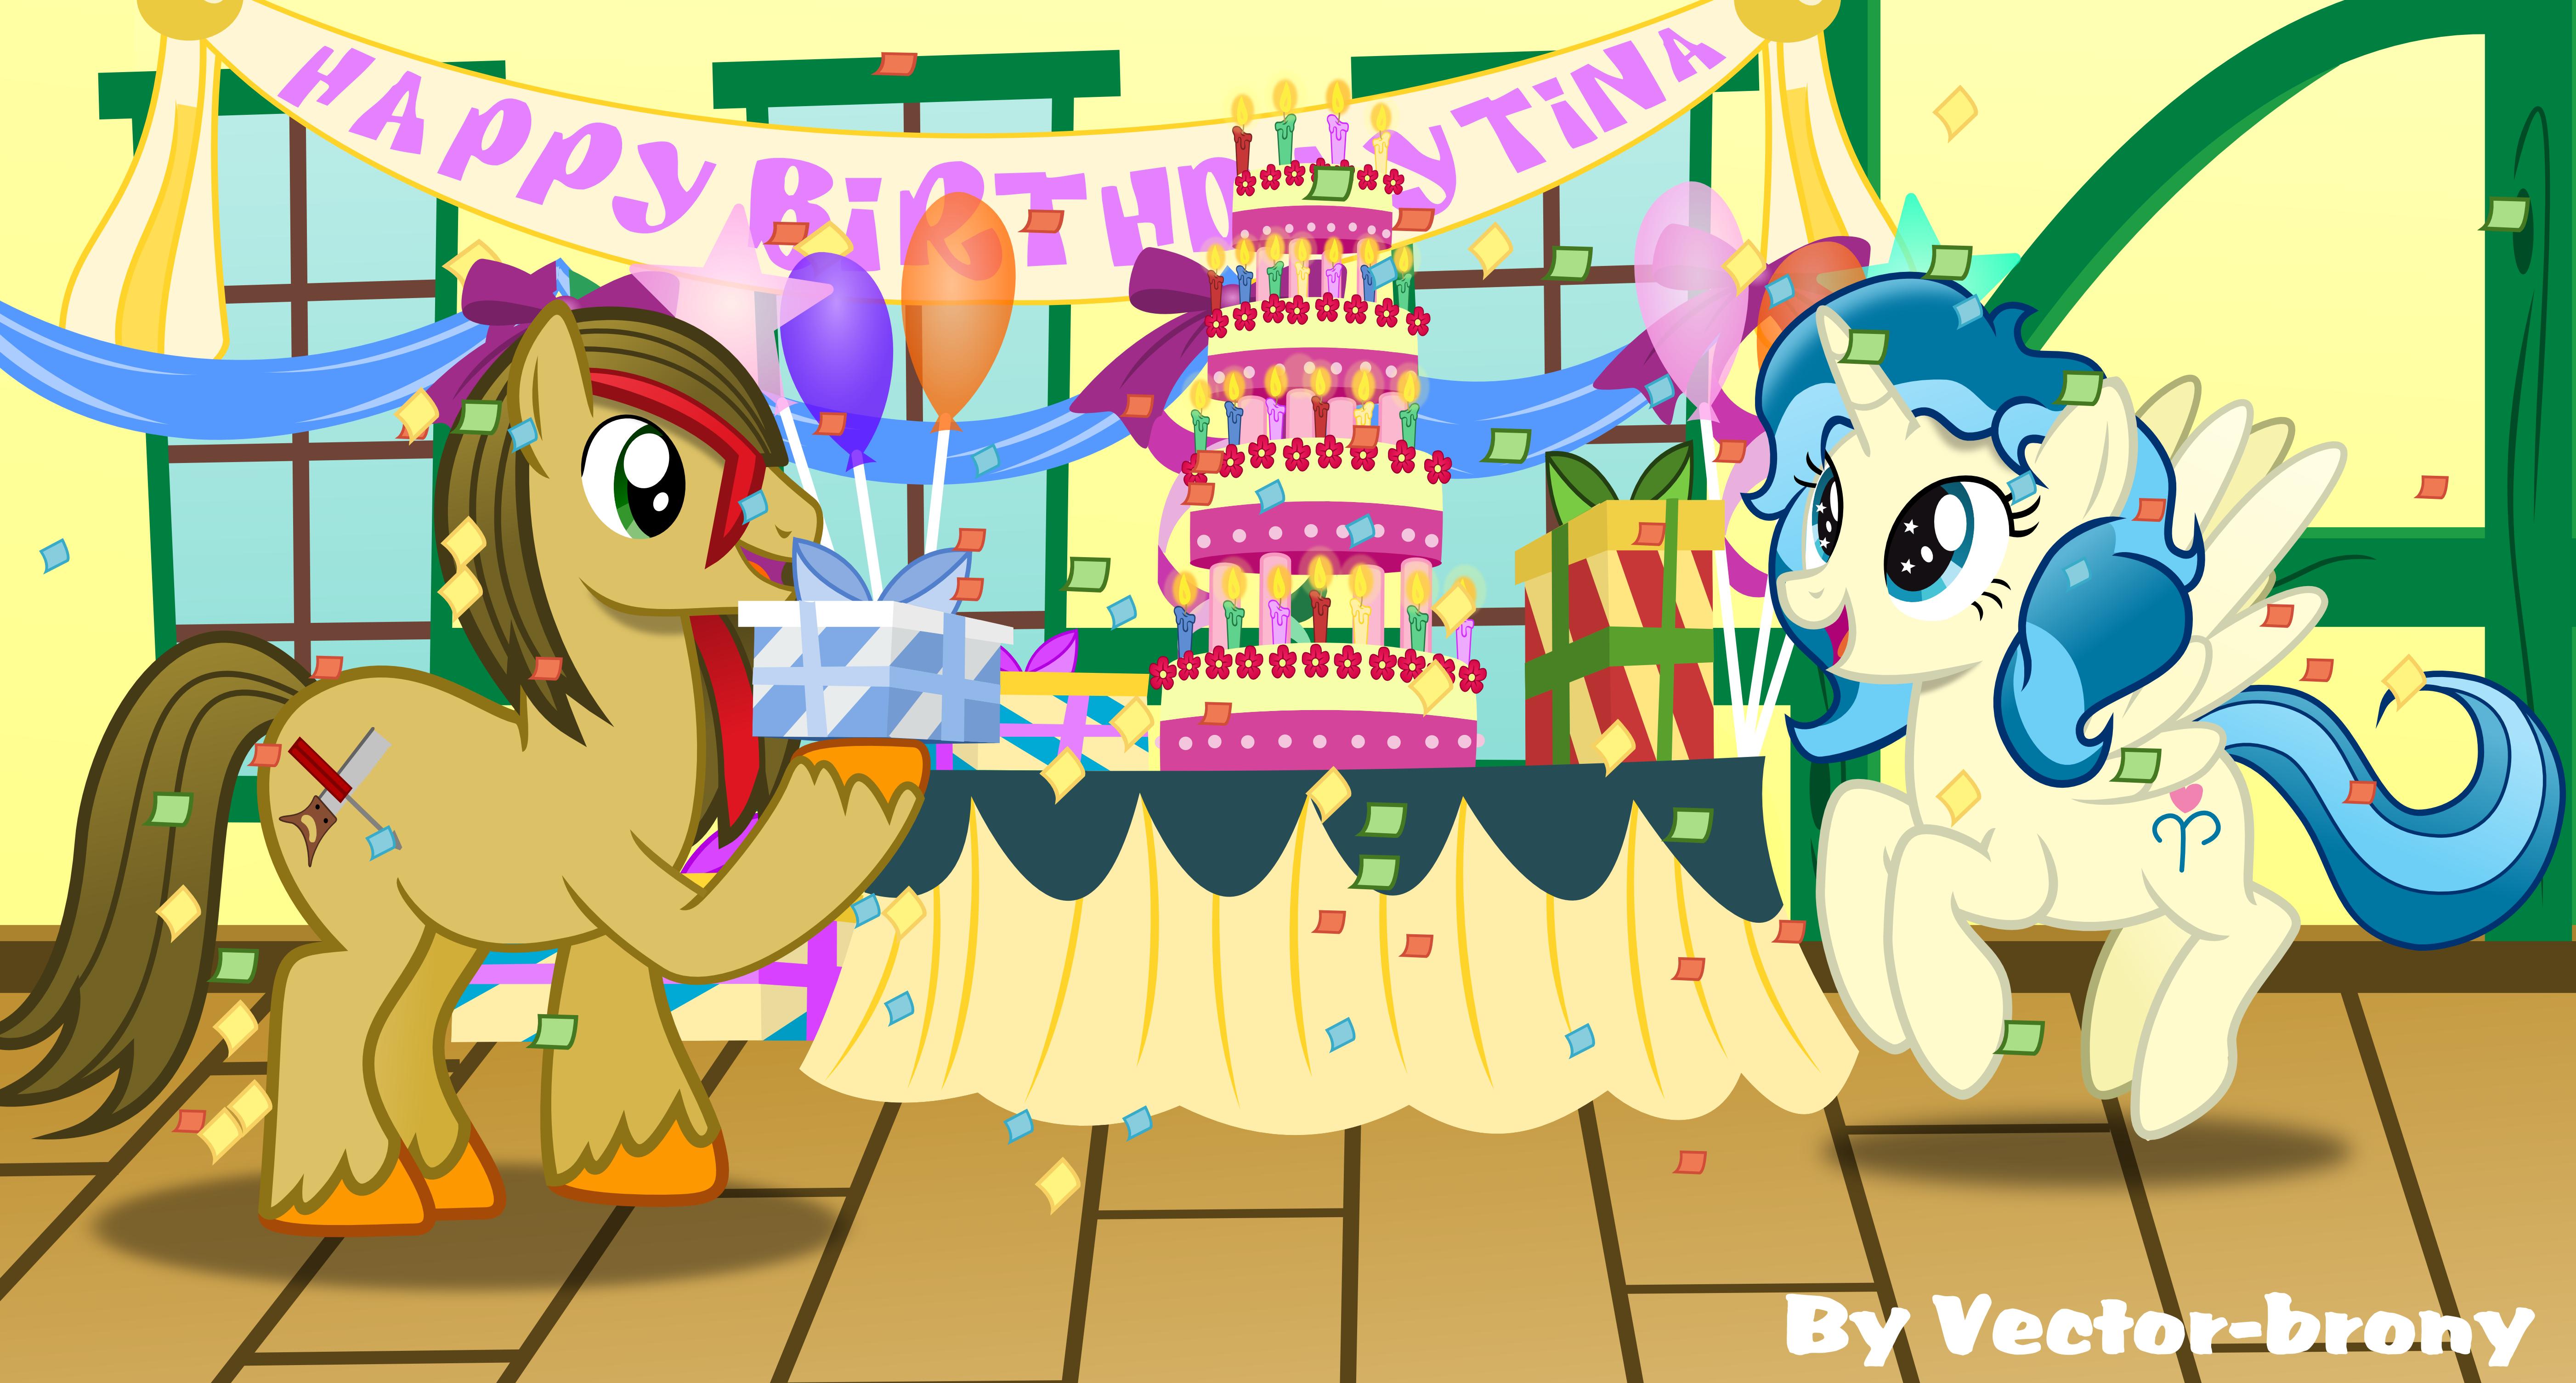 Happy Birthday Tina By Vector Brony